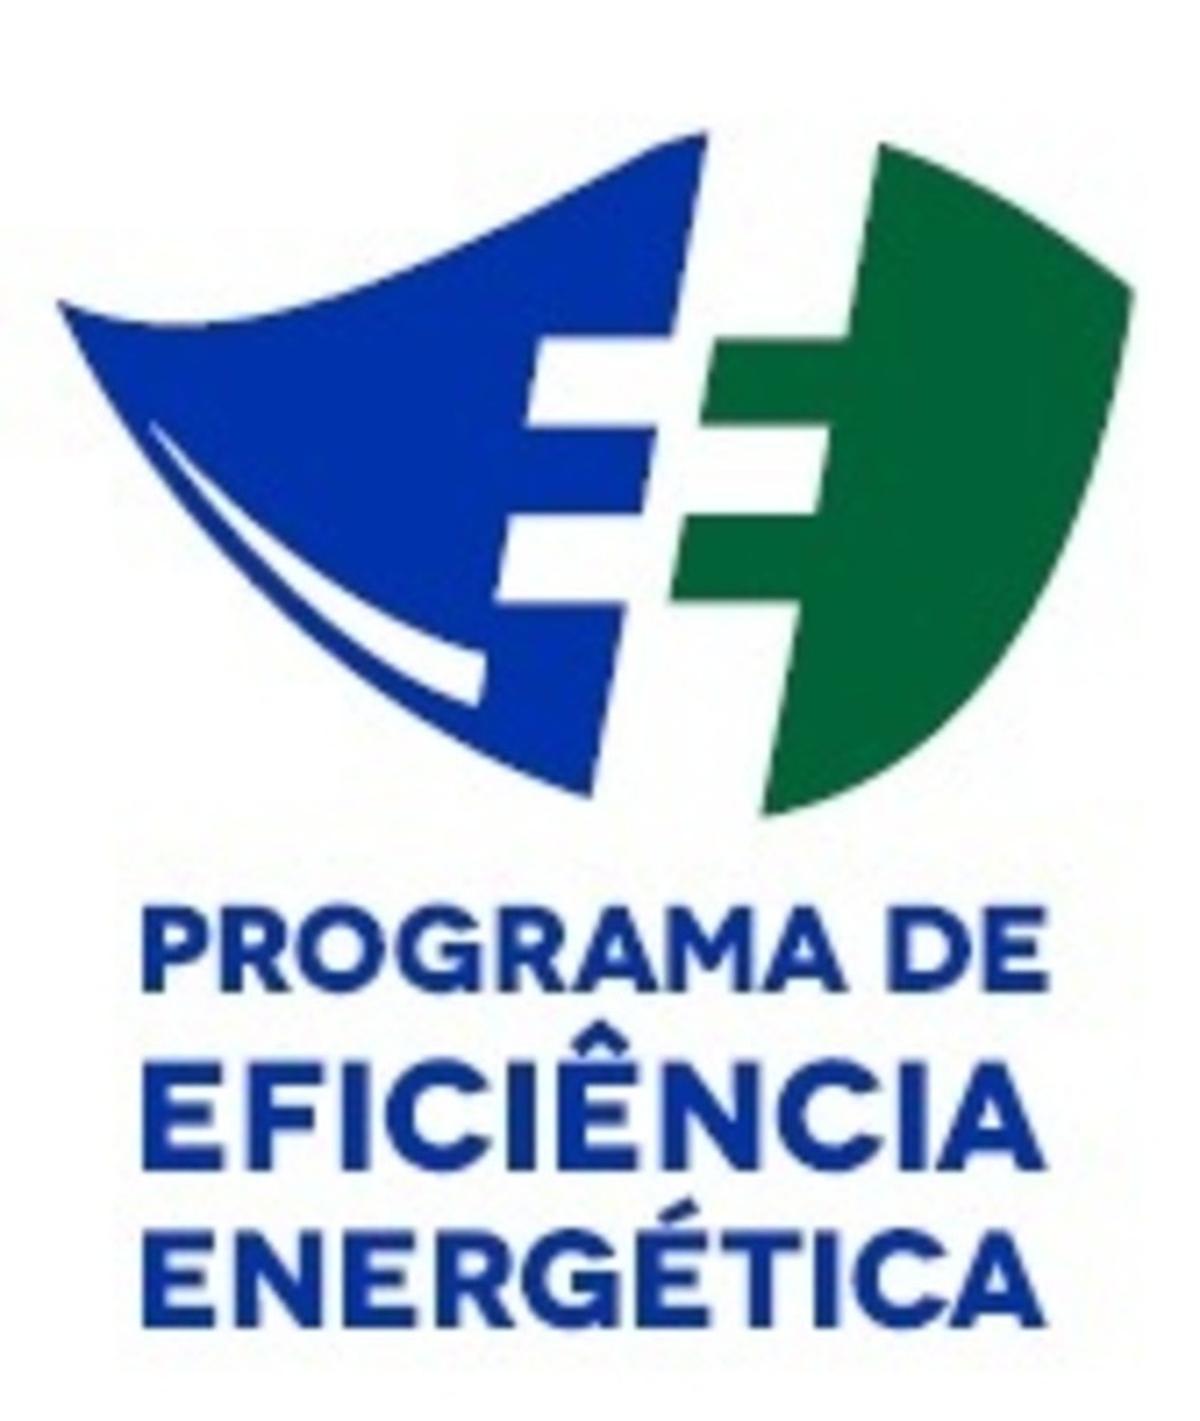 Conceitos de Eficiência Energética